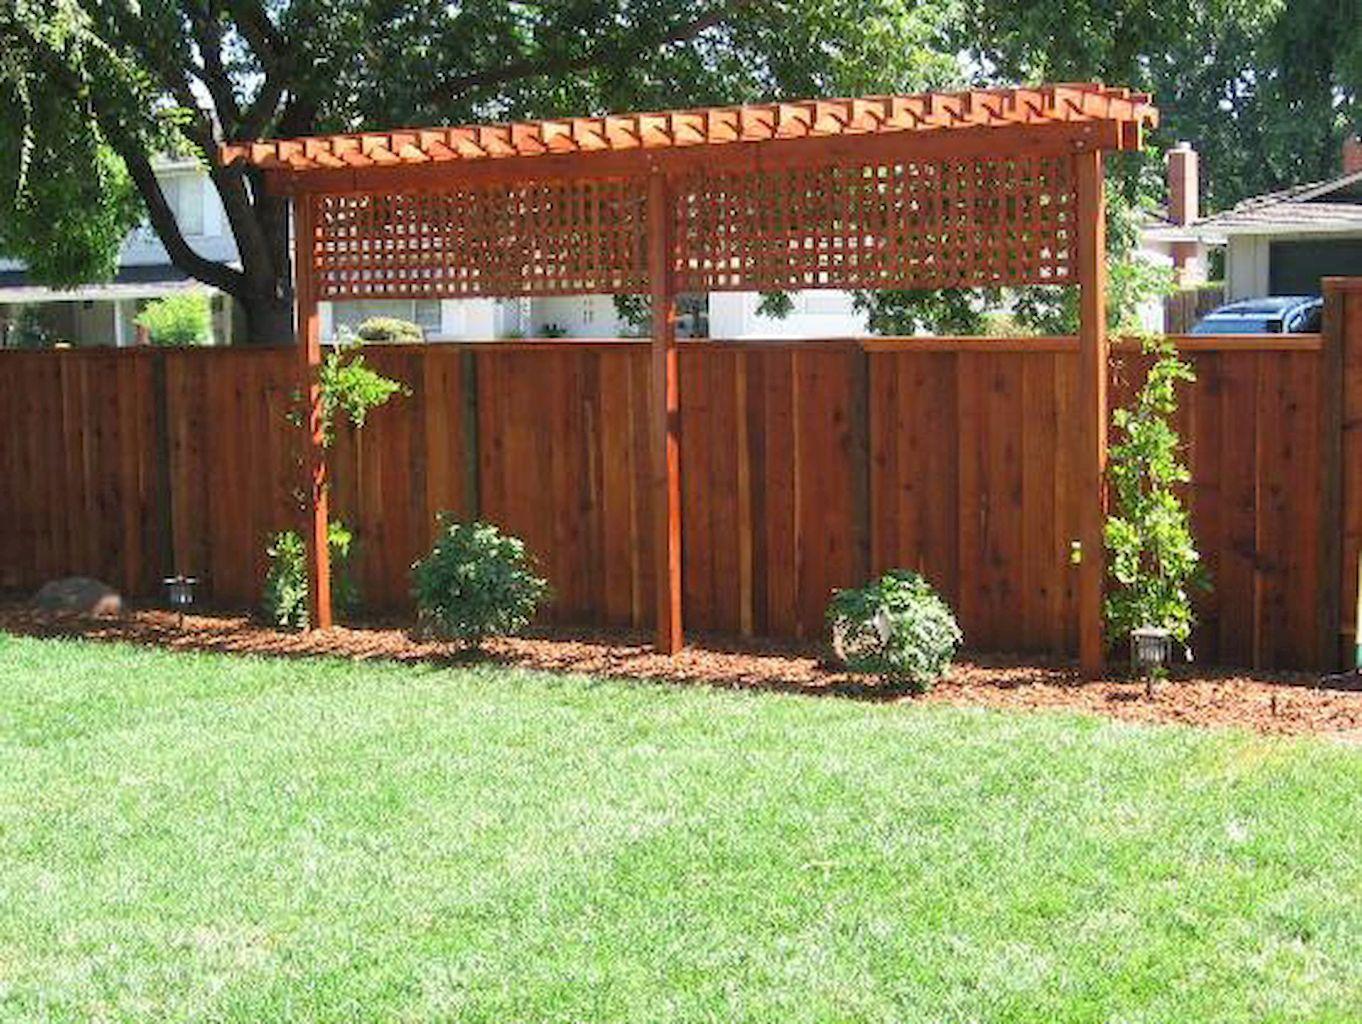 cool 70 wooden privacy fence patio garden ideas httpshomevialandcom - Garden Ideas Along Fence